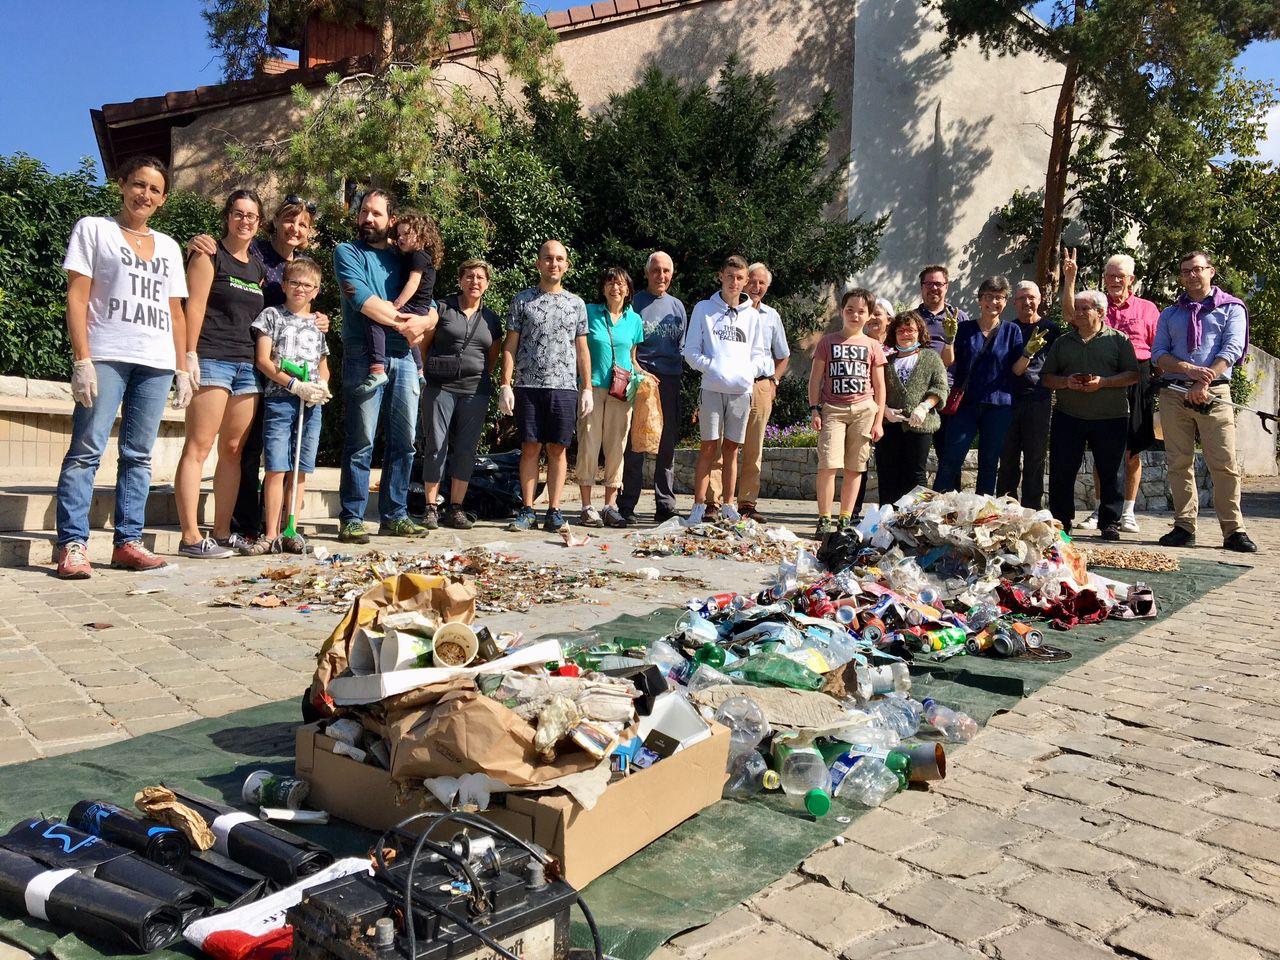 Collecte des déchets sauvages à Collonges-sous-Salève, le 18 septembre 2021